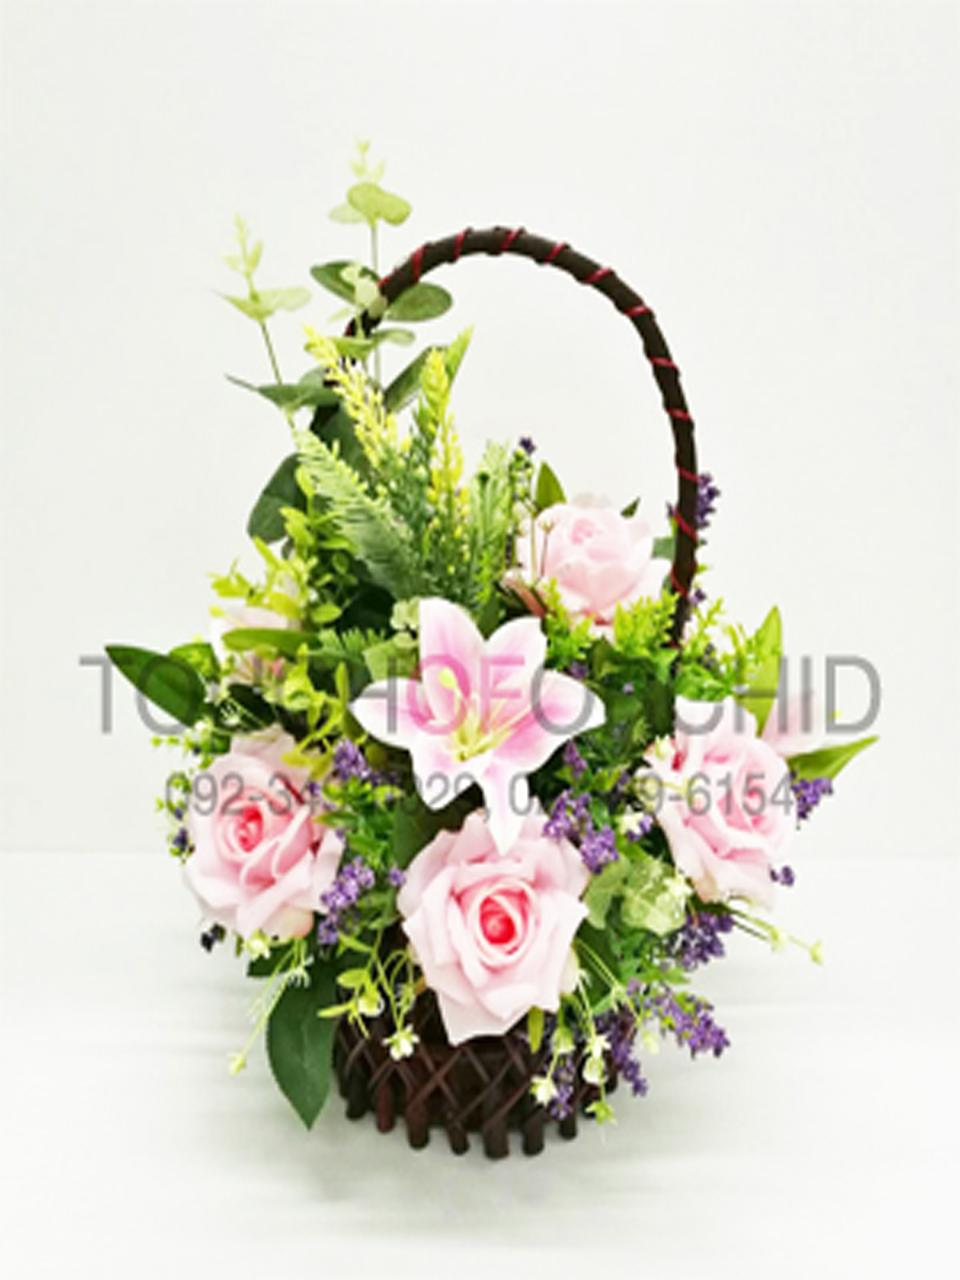 กระเช้าดอกไม้ประดิษฐ์กุหลาบชมพู รหัส 4104